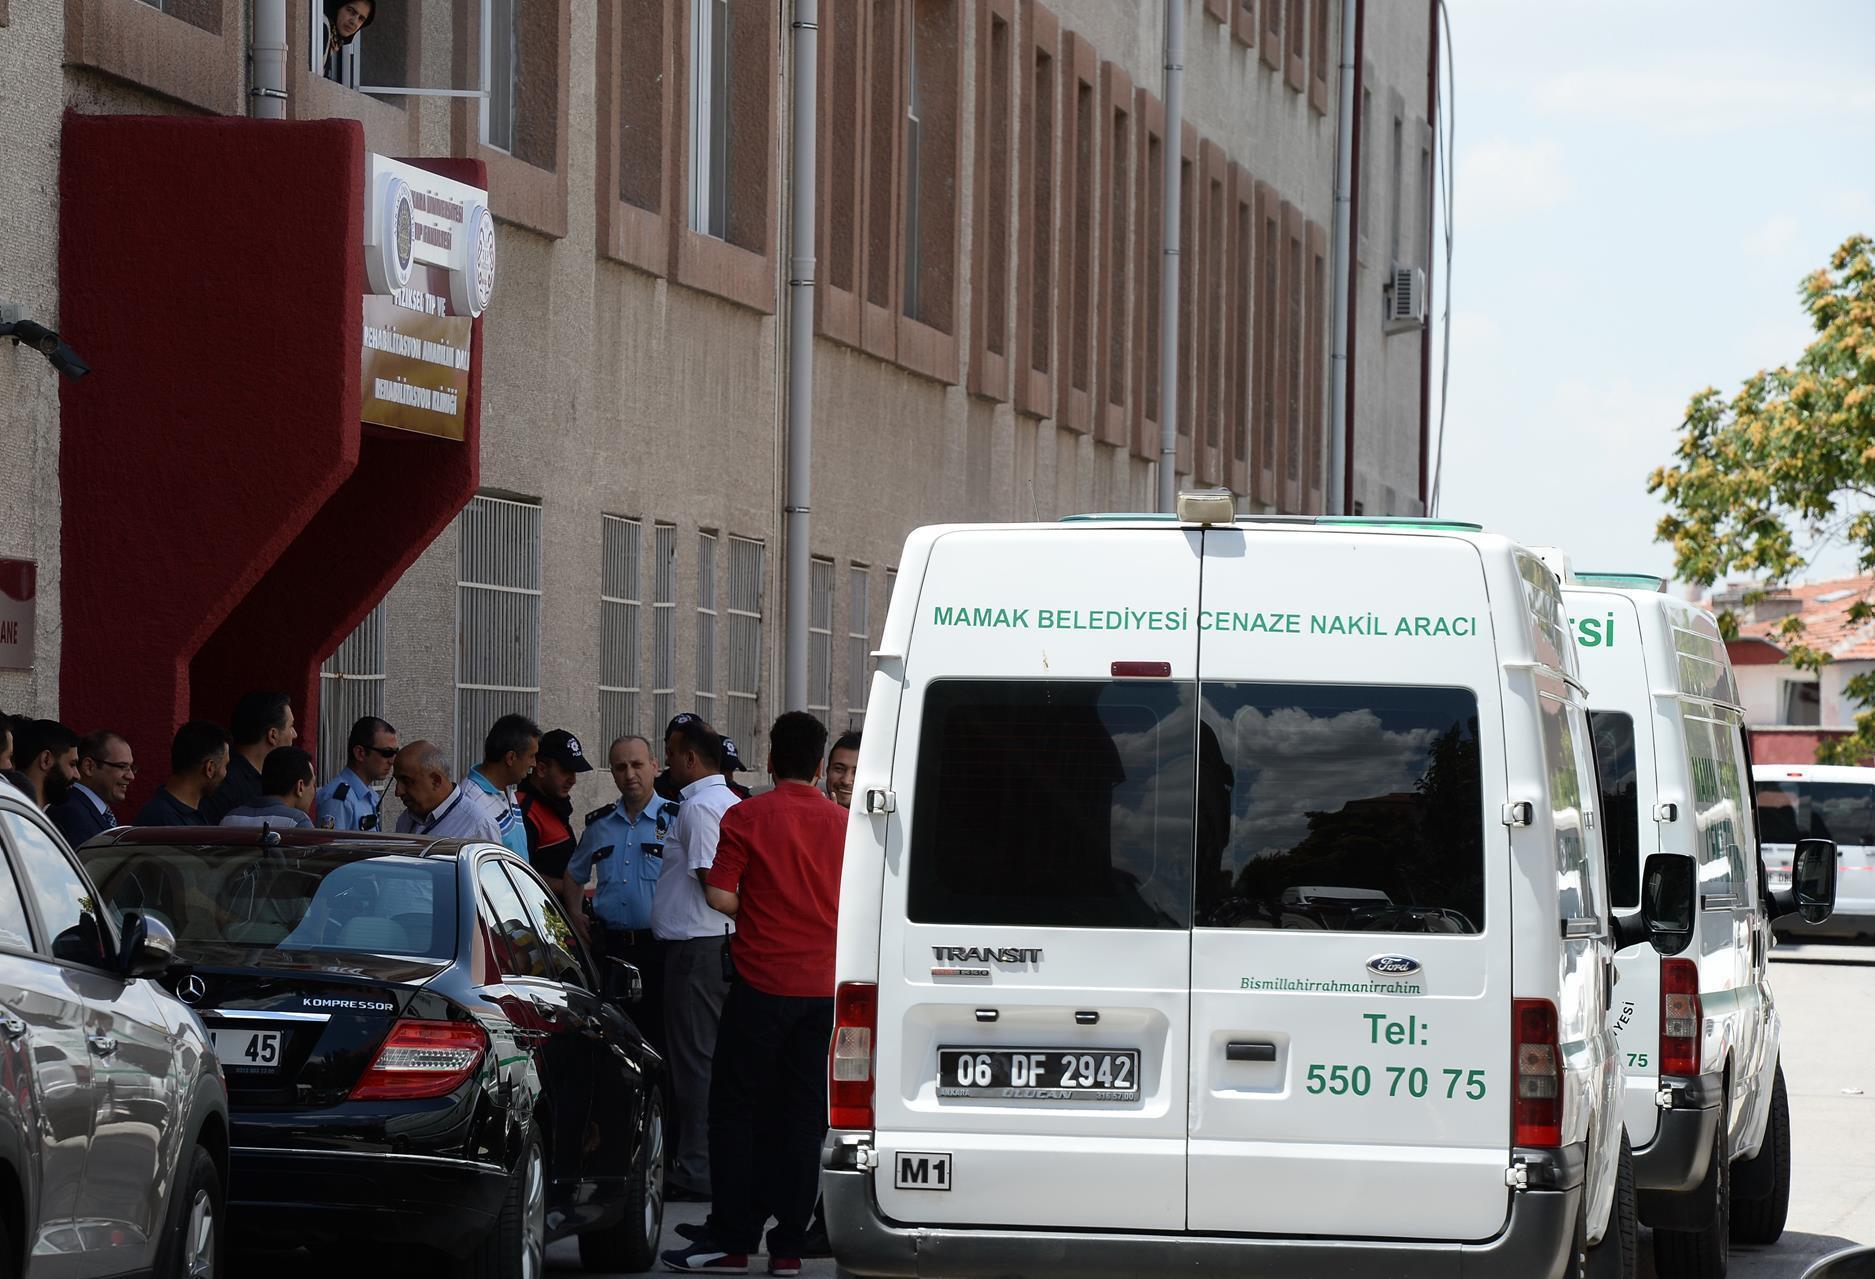 Ankara Haberleri: Kütüphane istasyonu yazı tahtasına döndü 36